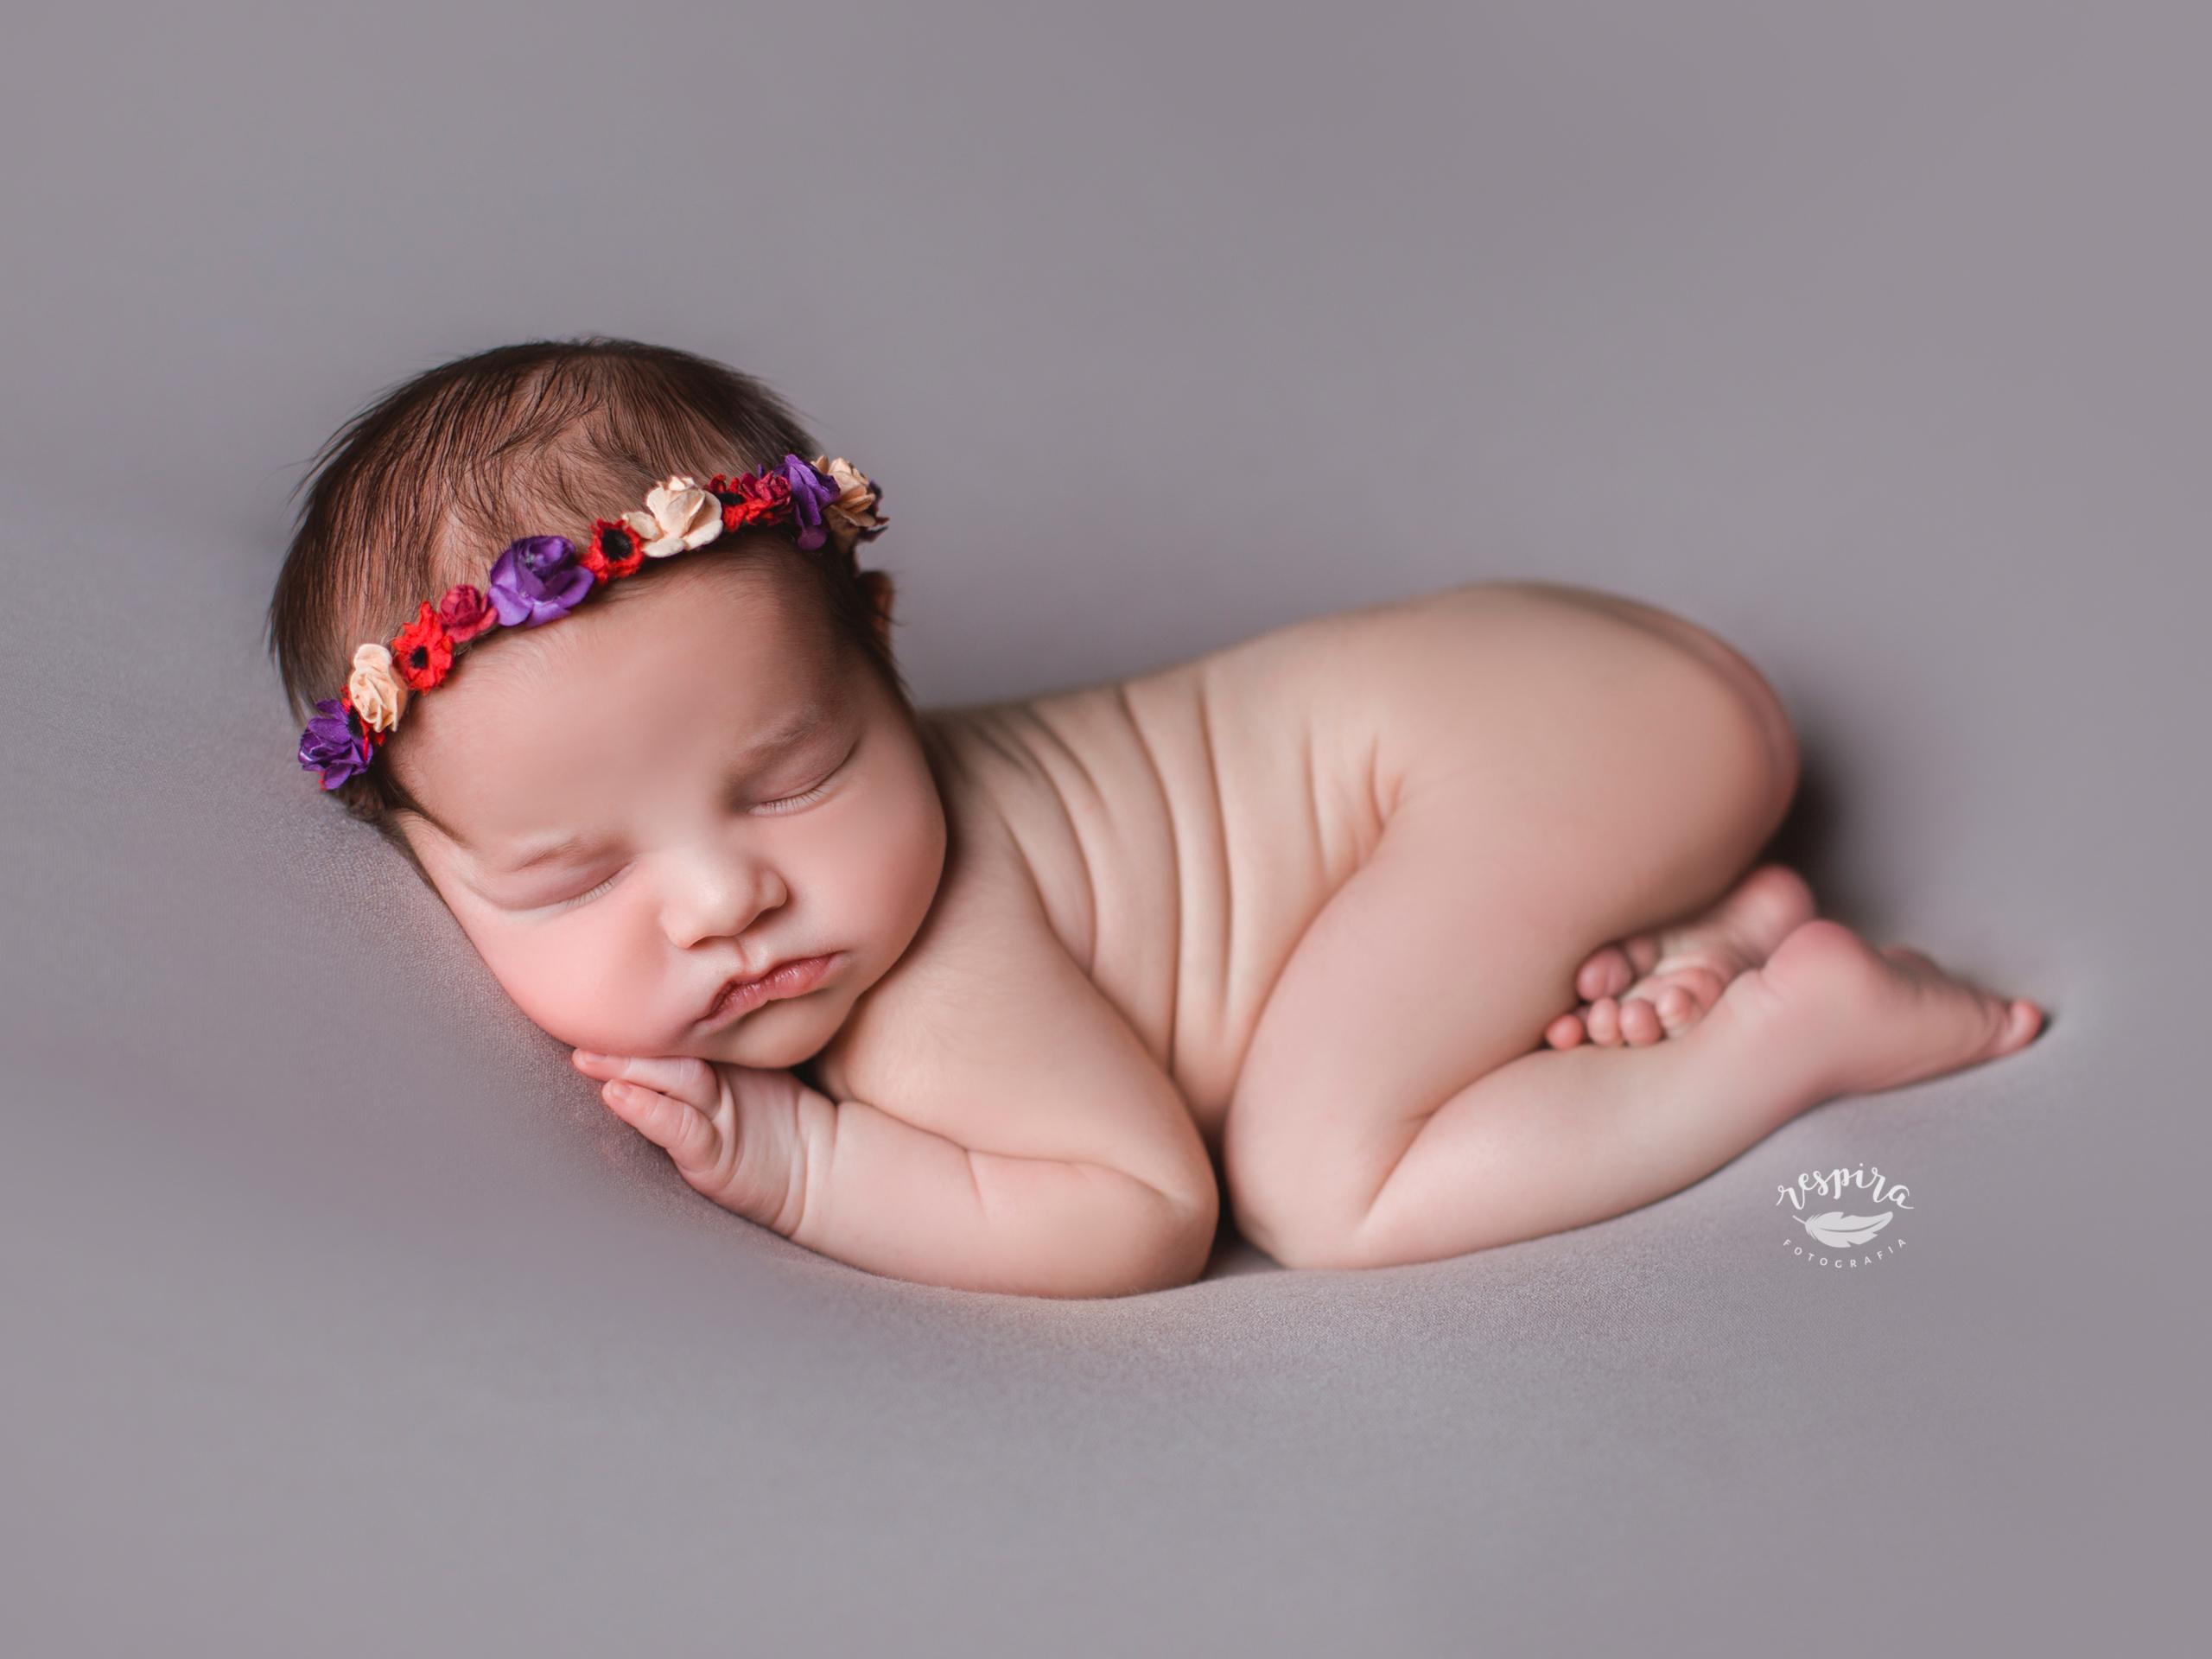 Fotograf newborn a barcelona olesa de montserrat